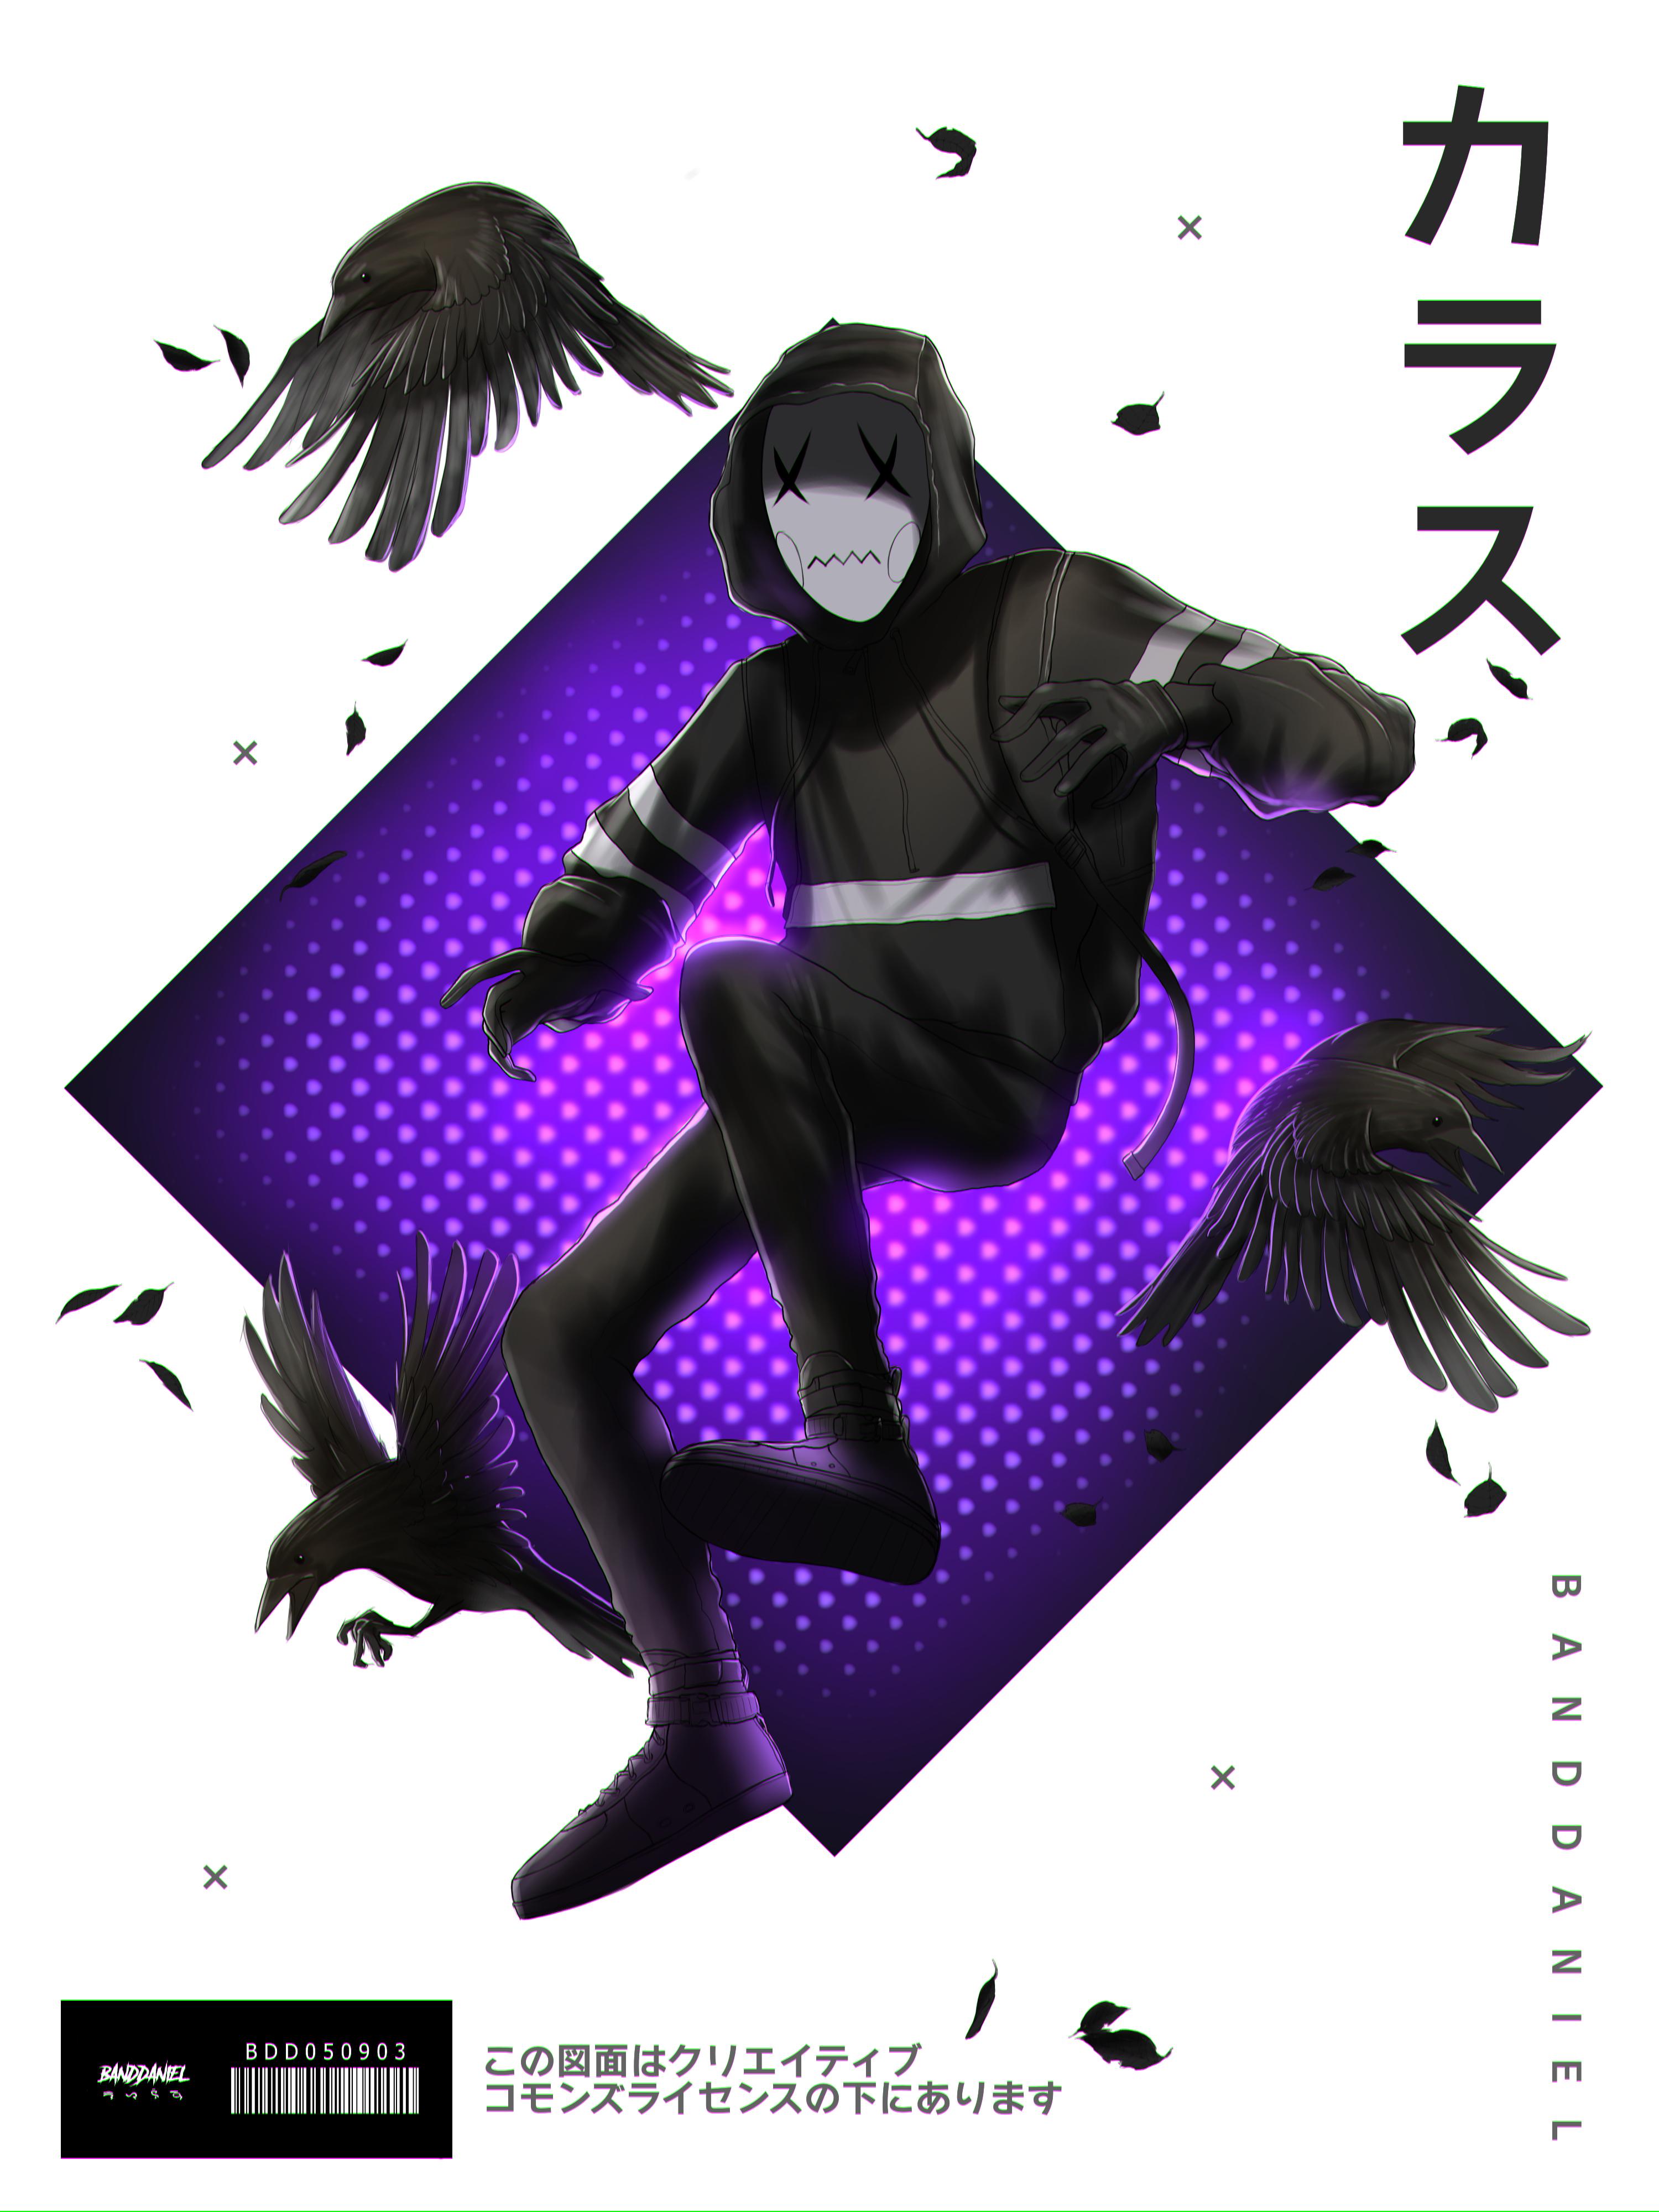 Crow [BANDDANIEL]